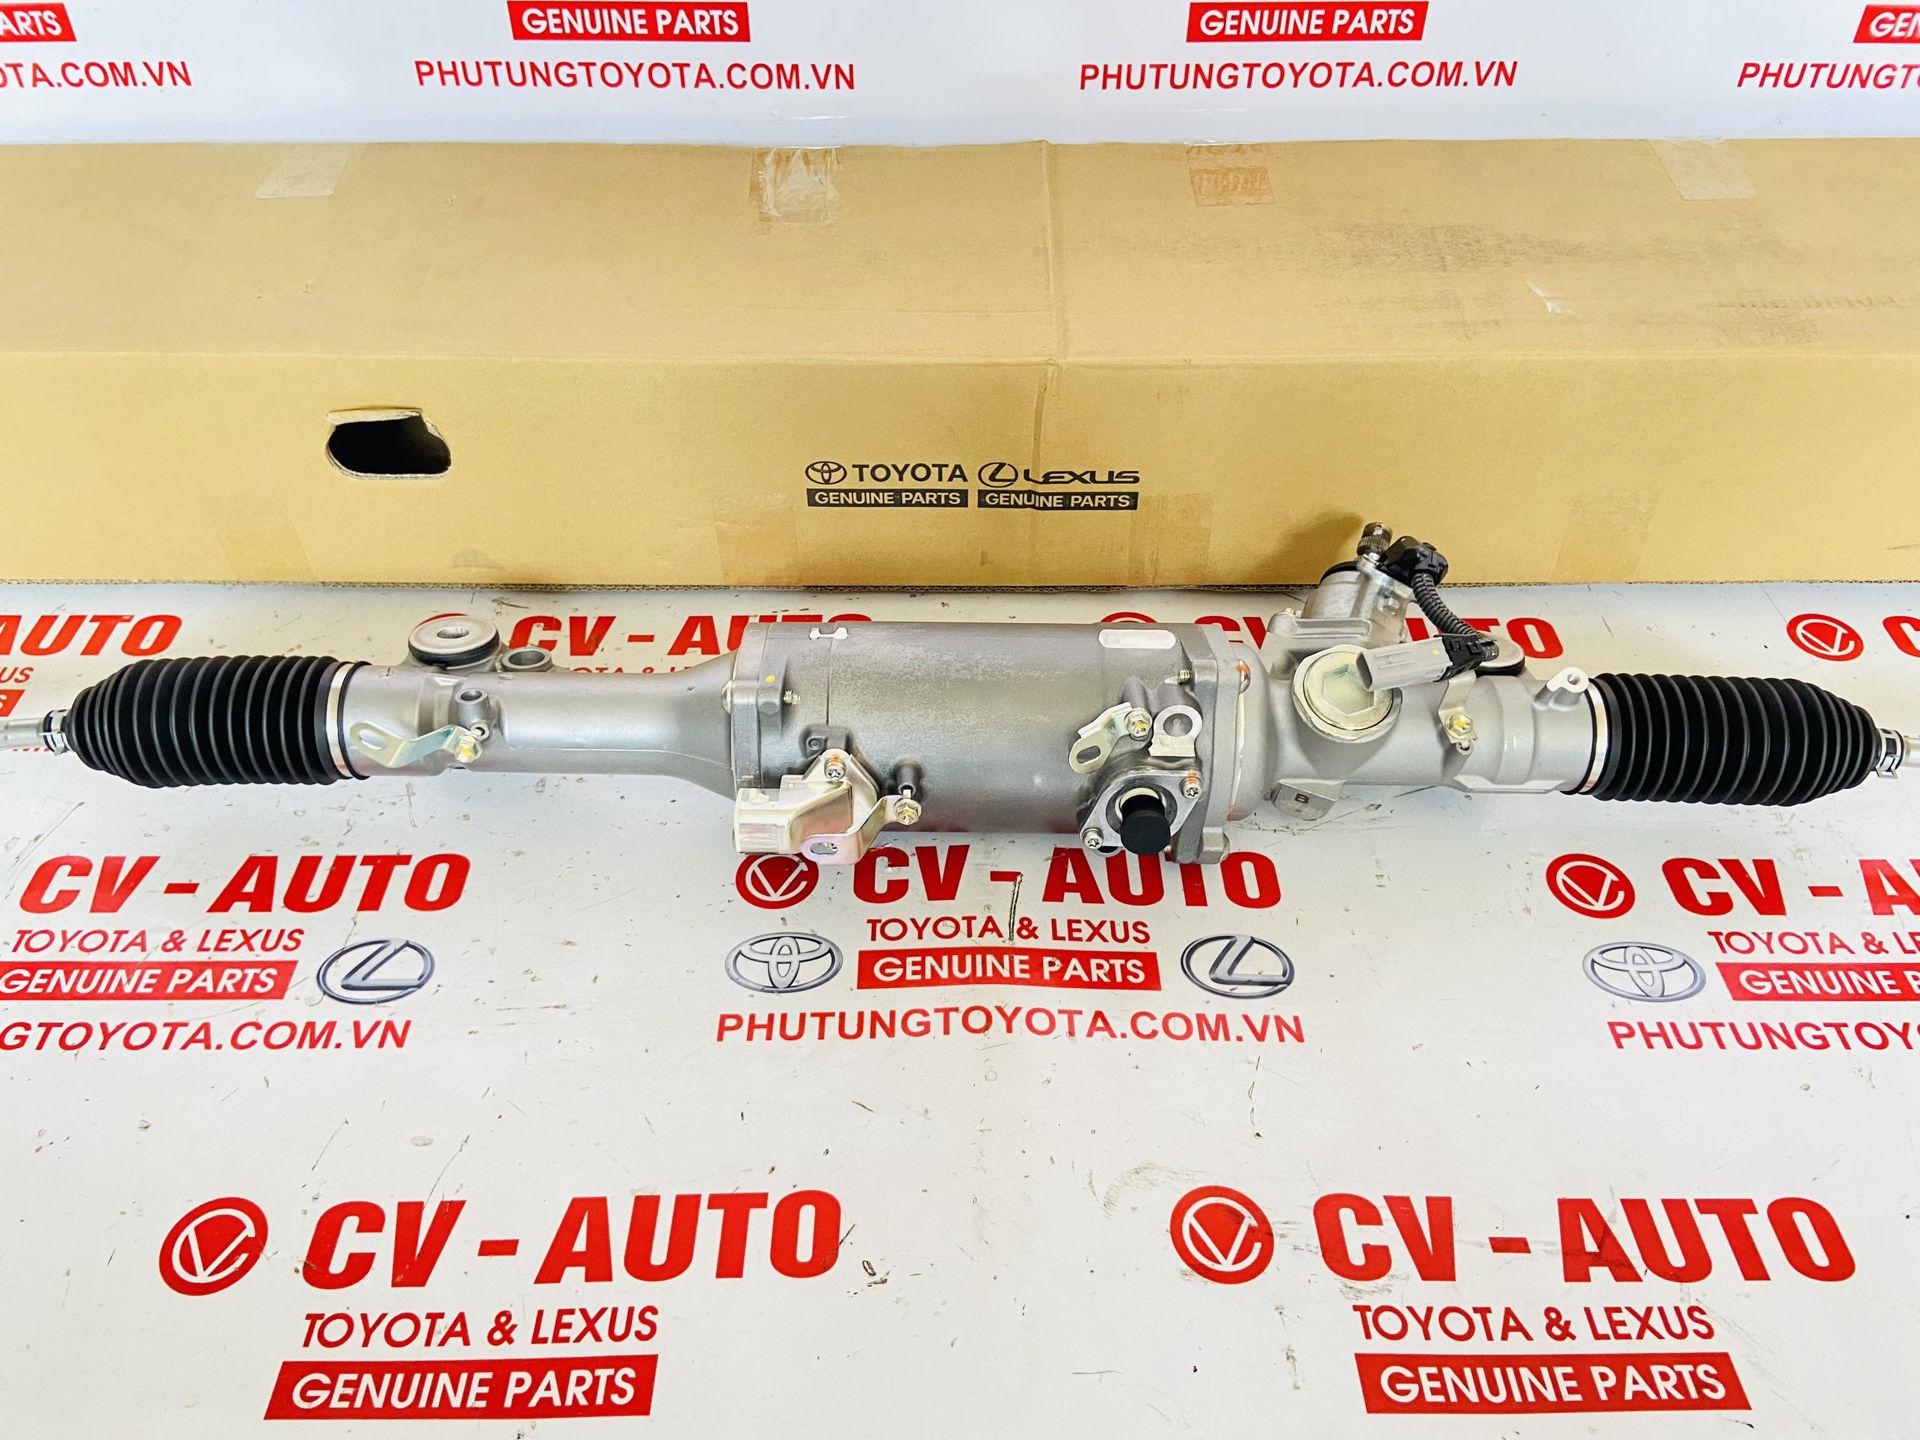 Picture of 4420050400 44200-50400 Thước lái Lexus LS460 LS460L chính hãng